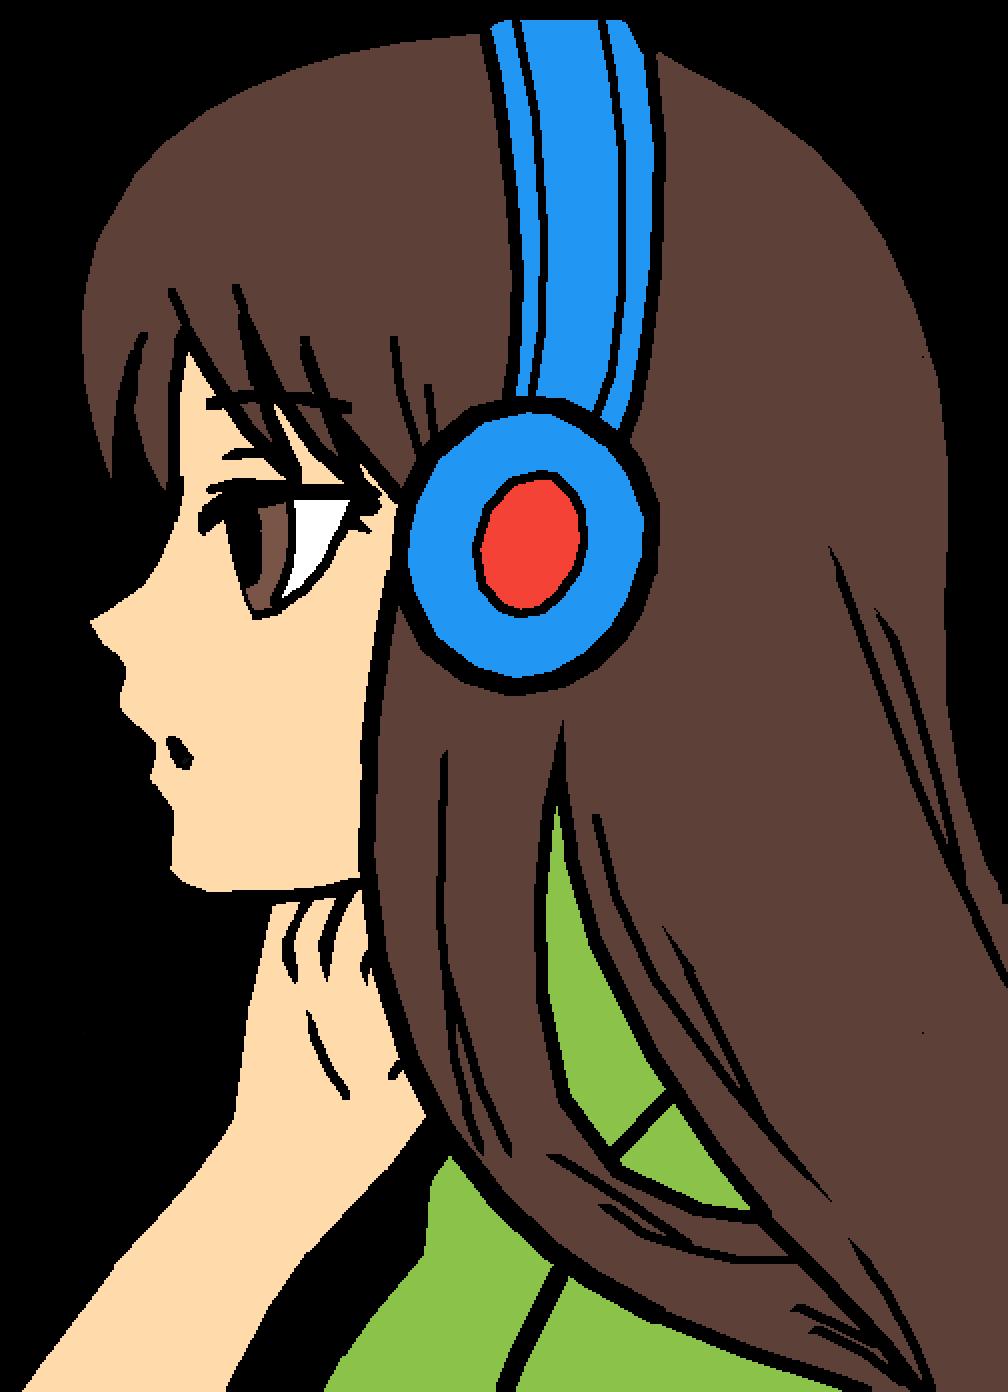 Pixilart - Anime girl Template by NinjaKiwi11